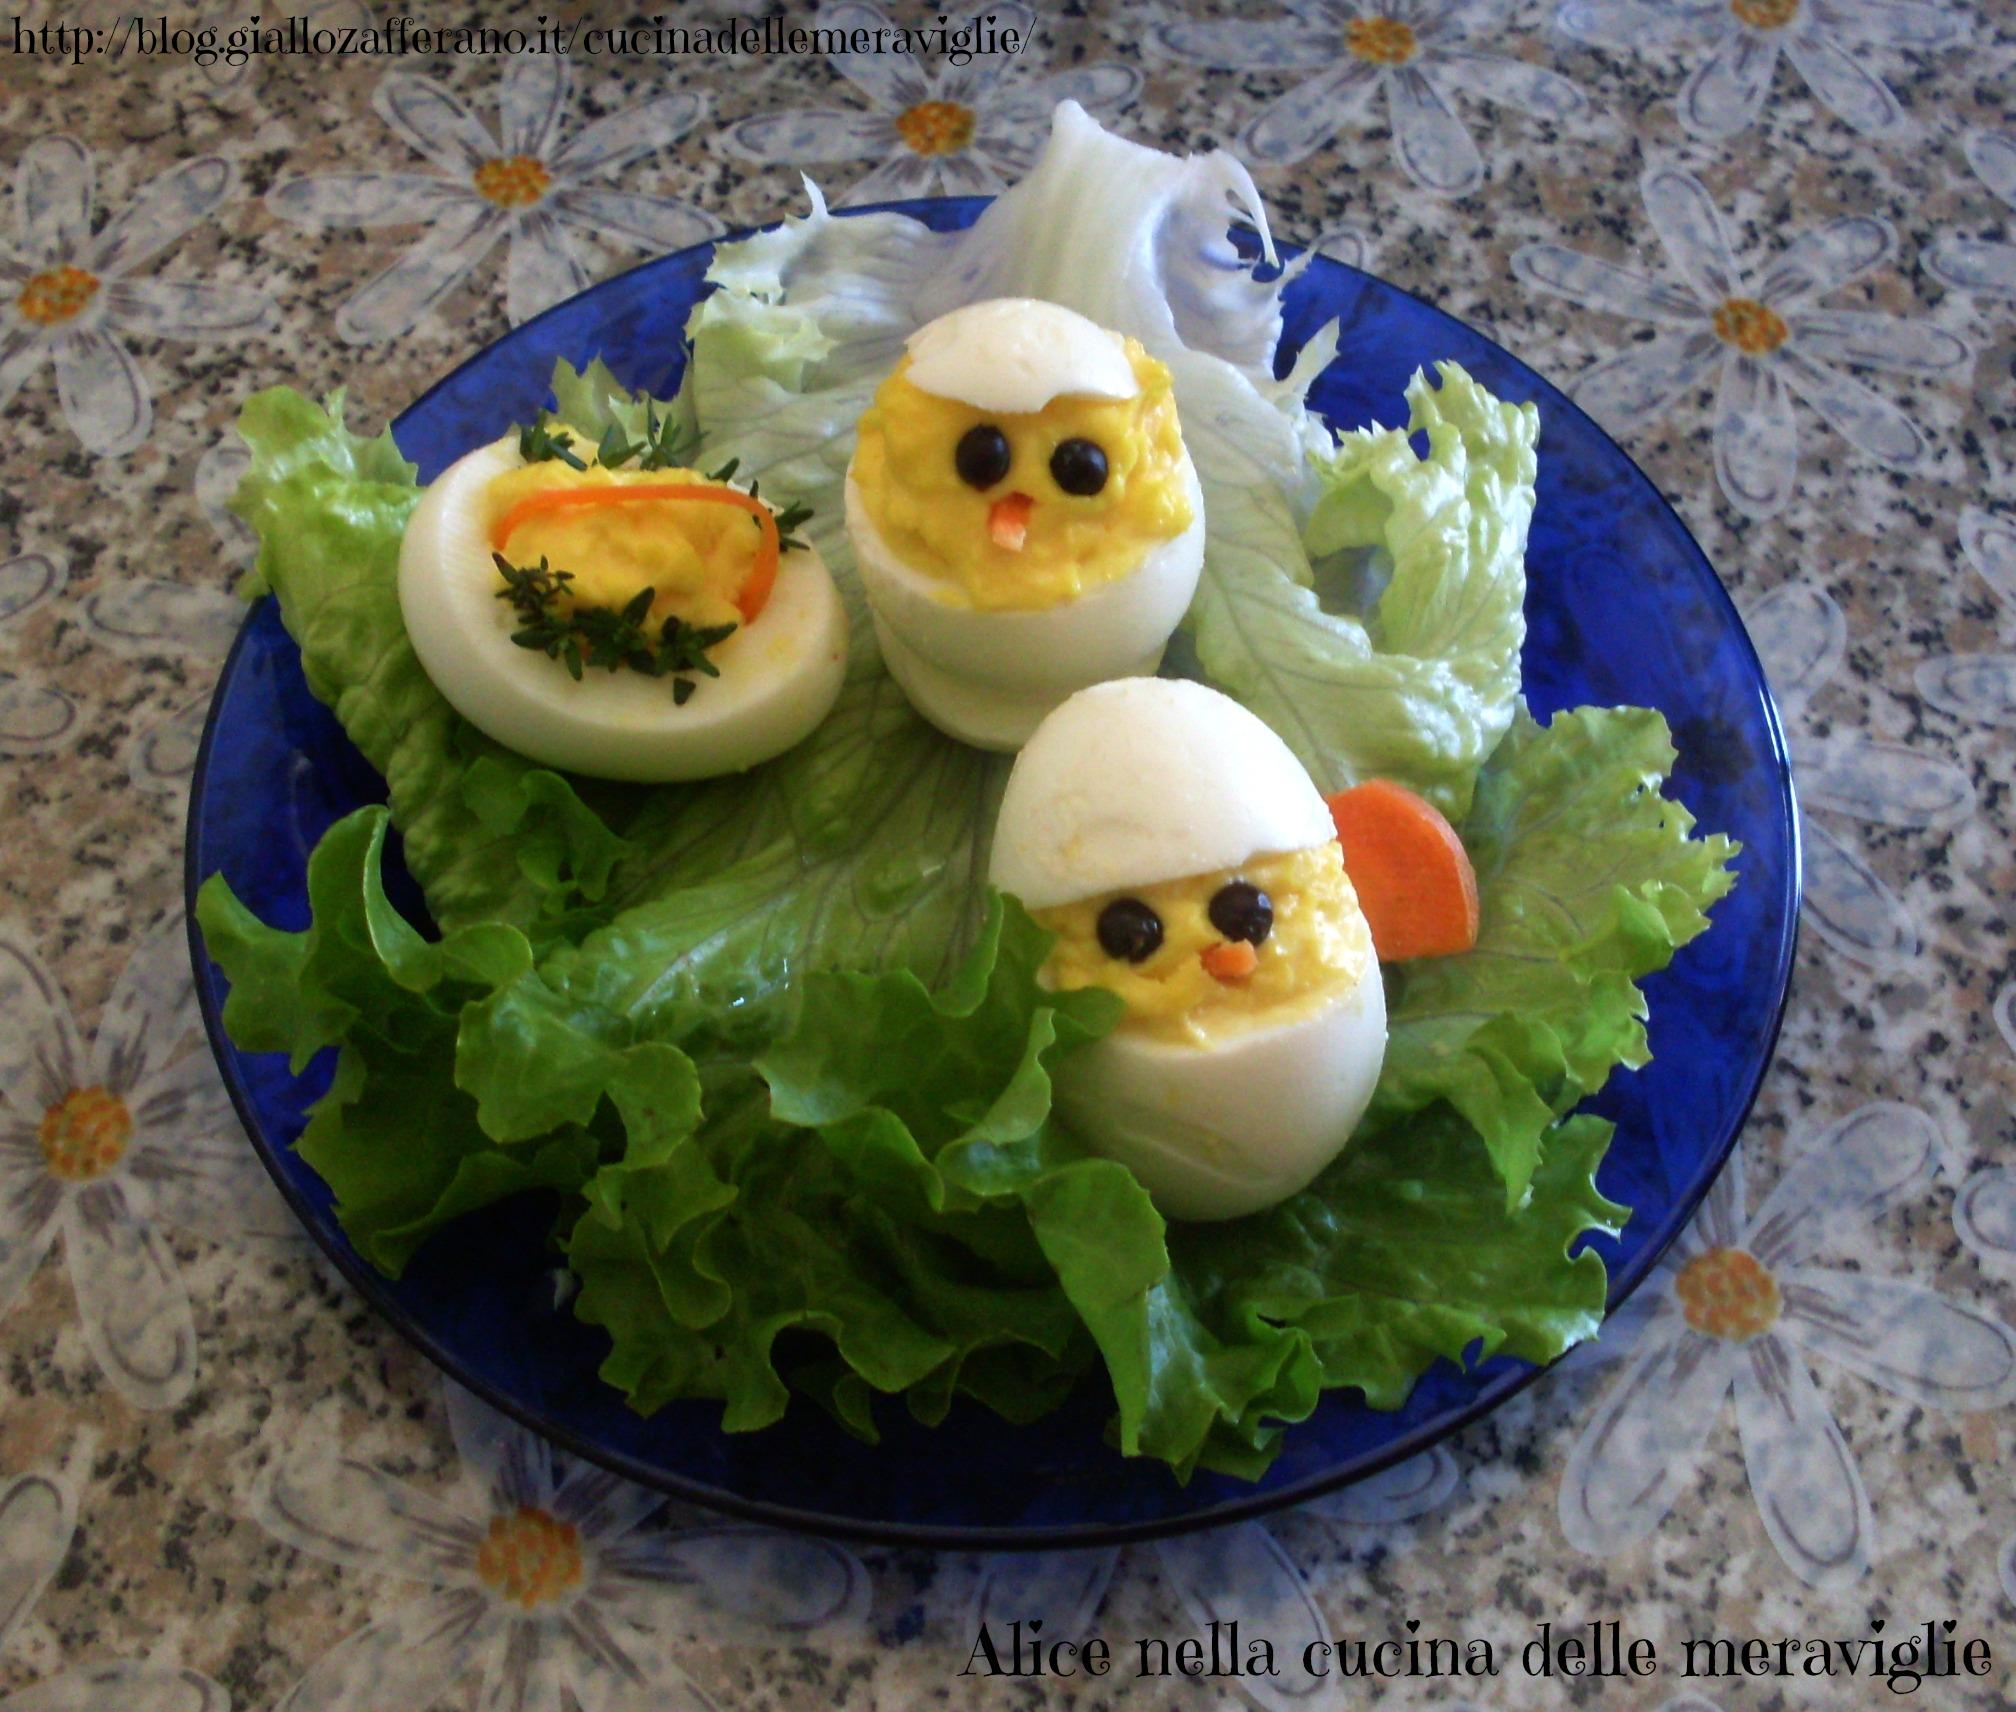 Pulcino di Pasqua Ricetta antipasto Alice nella cucina delle meraviglie